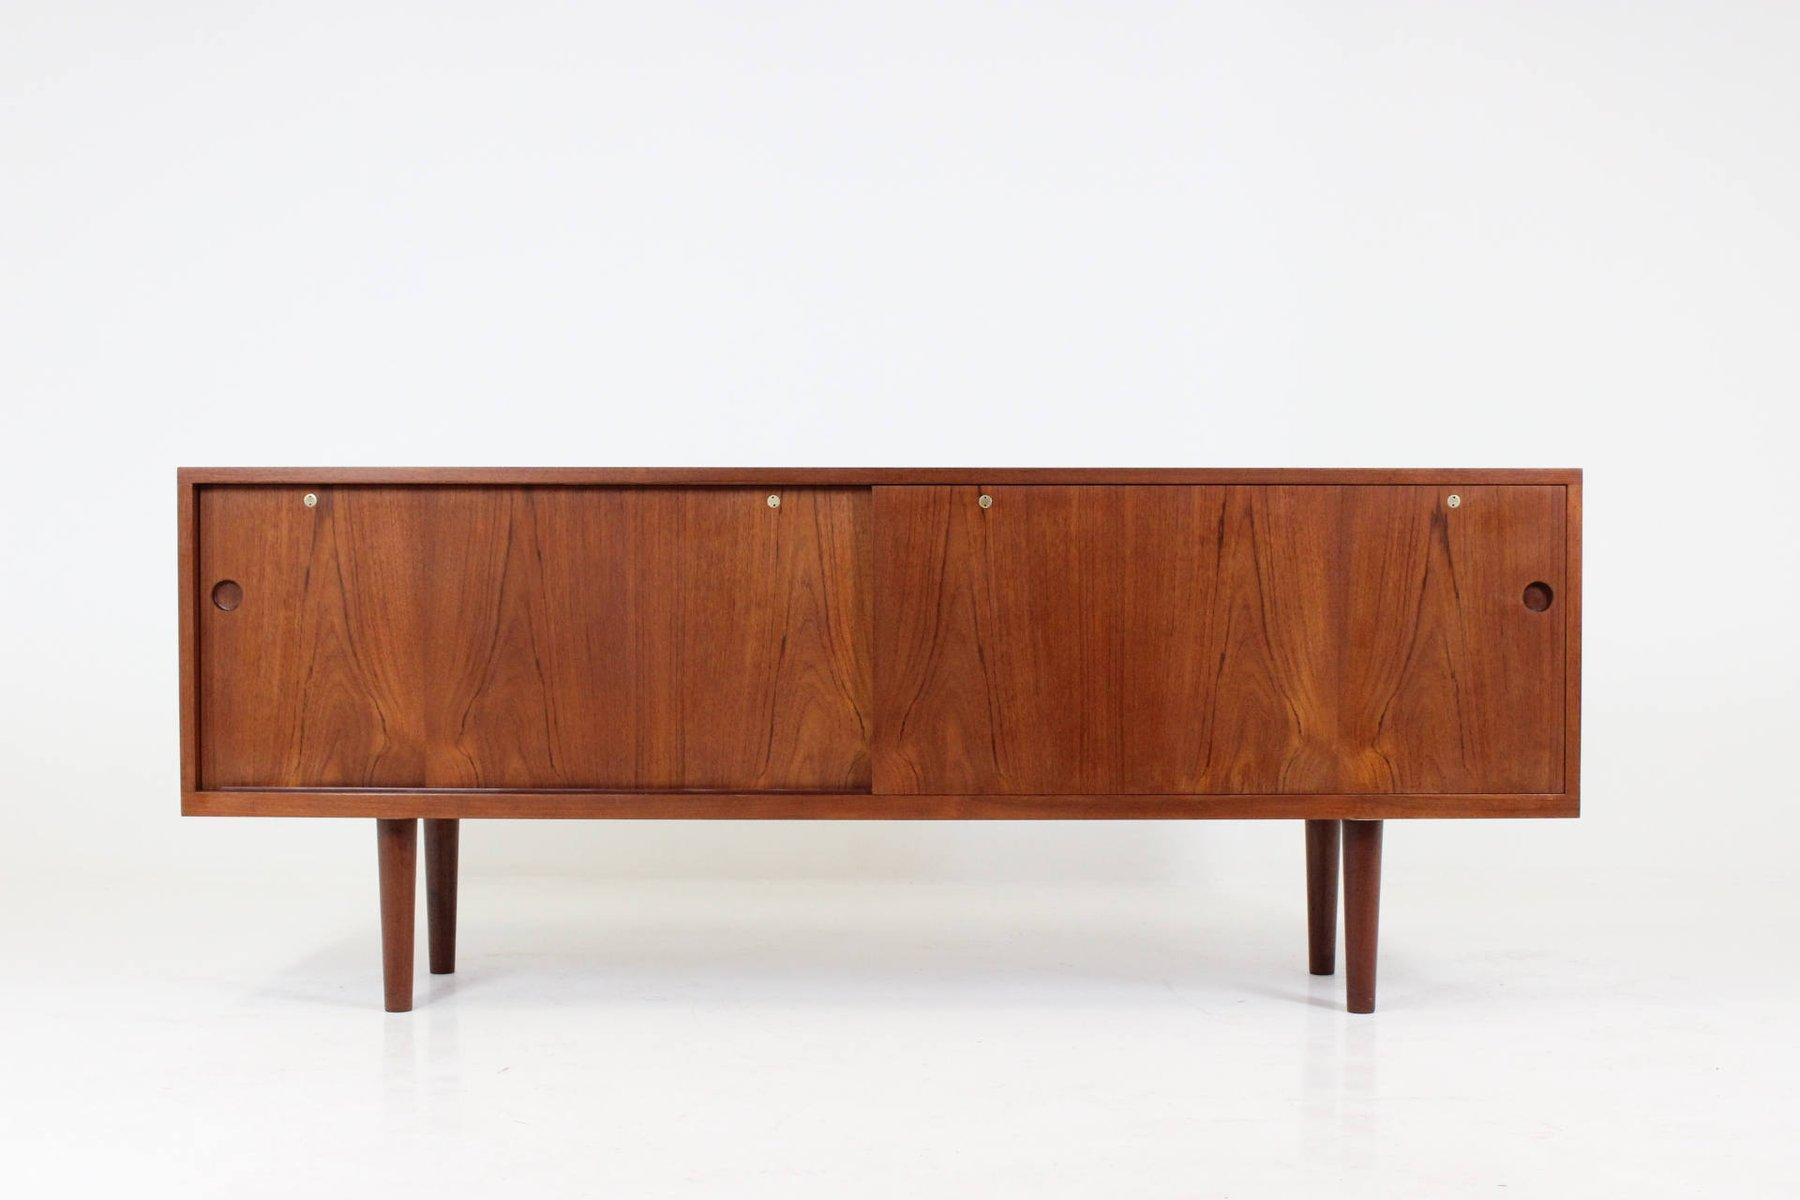 Niedriges Modell RY26 Sideboard von Hans J. Wegner für RY Mobler, 1960...